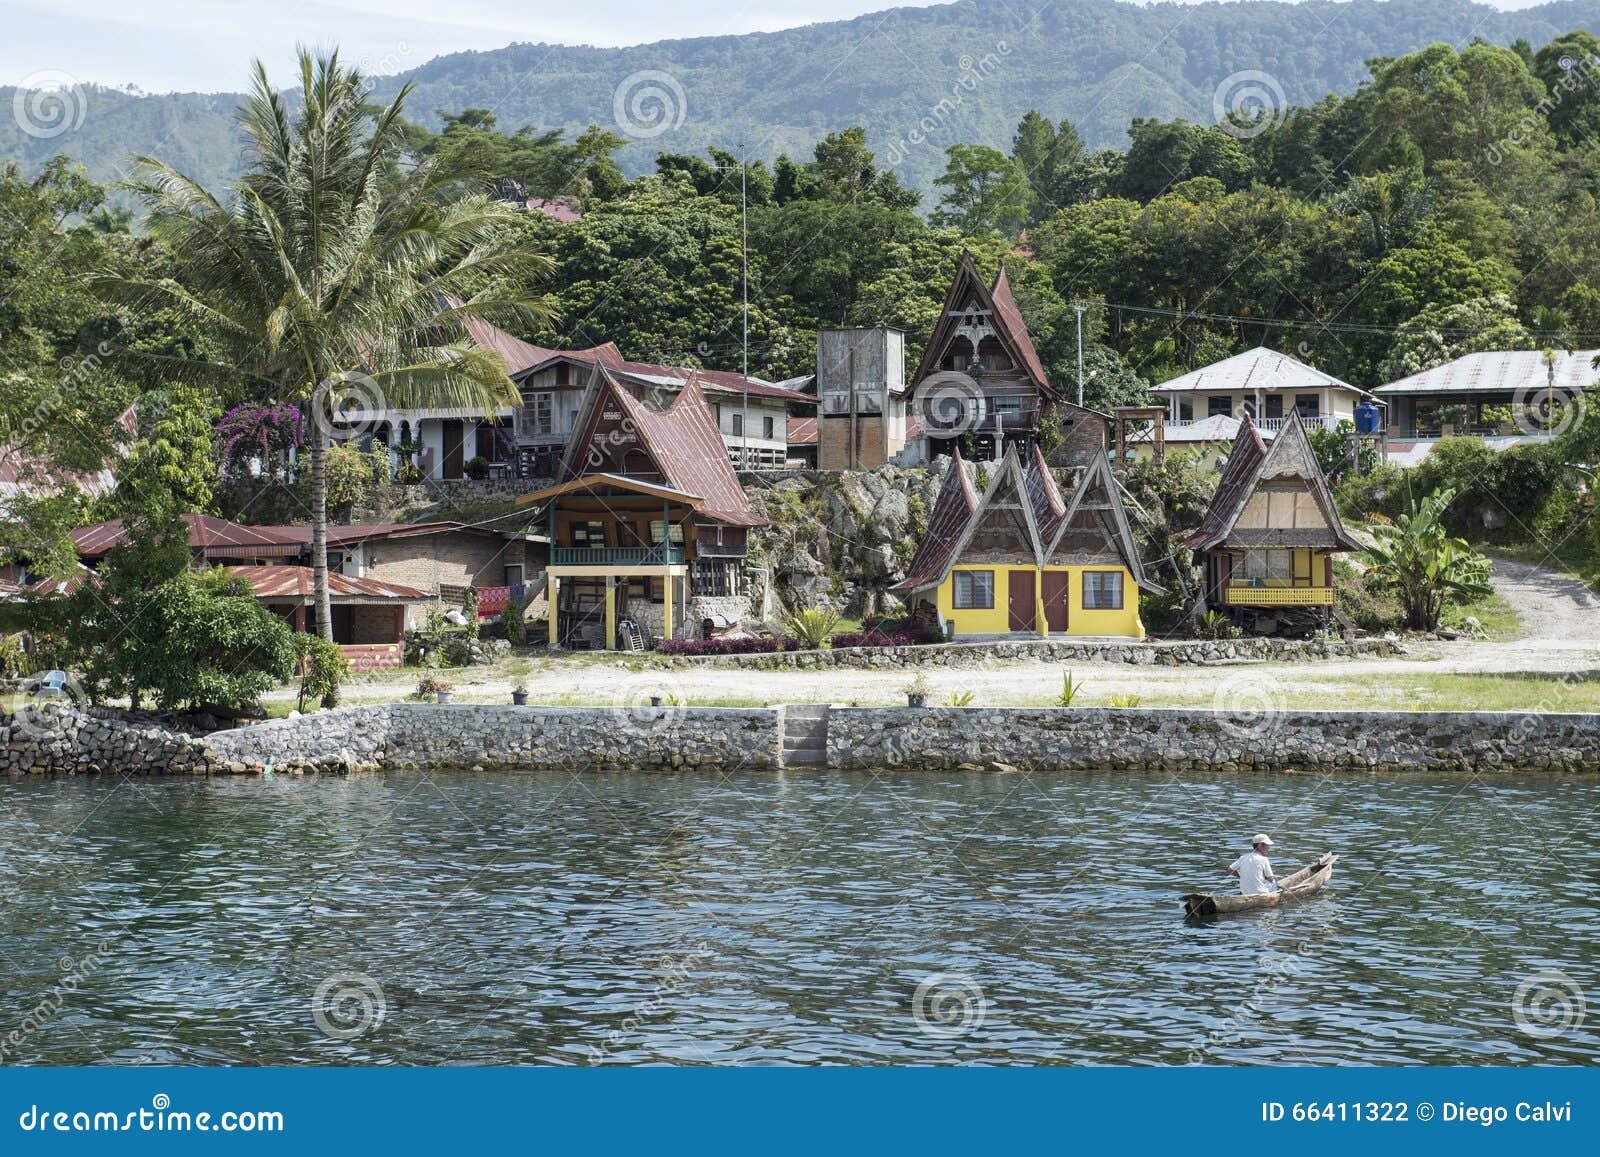 Water and houses at Toba Lake, Sumatra